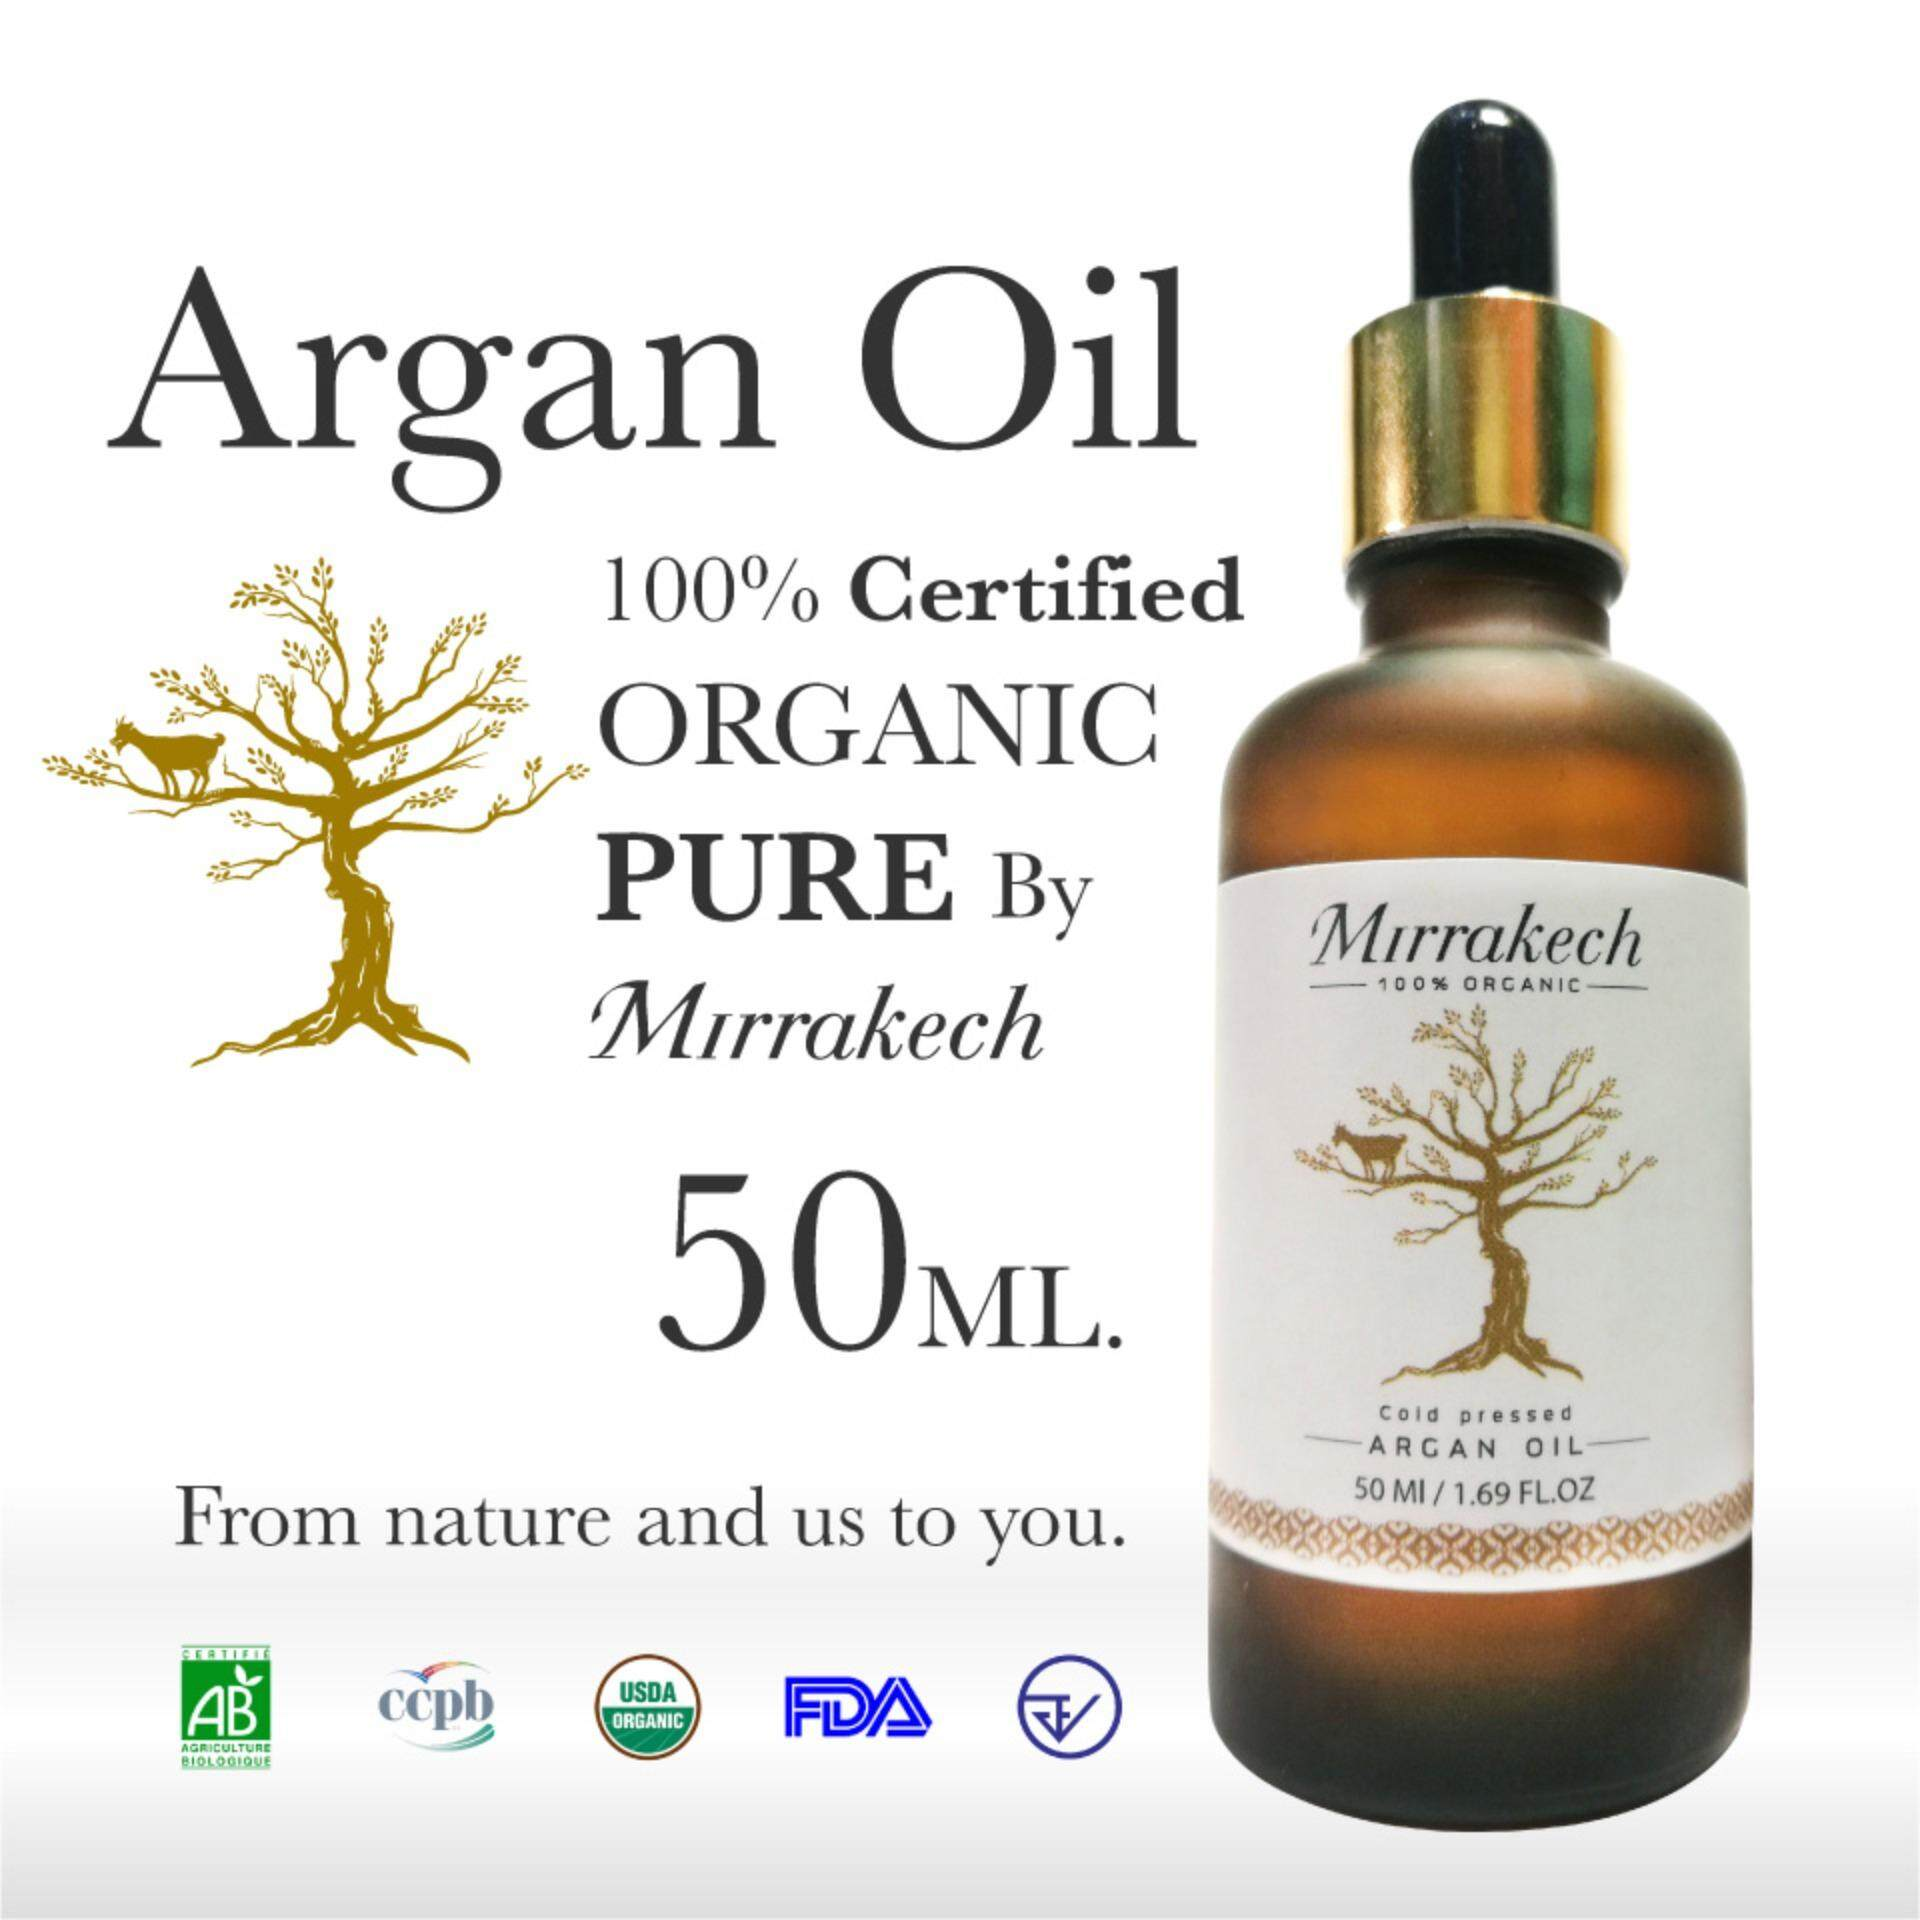 ทบทวน Mirrakech Argan Oil 100 Organic Pure อาร์แกนออยล์ 50Ml รับรองโดย Ab Ccpb Usda